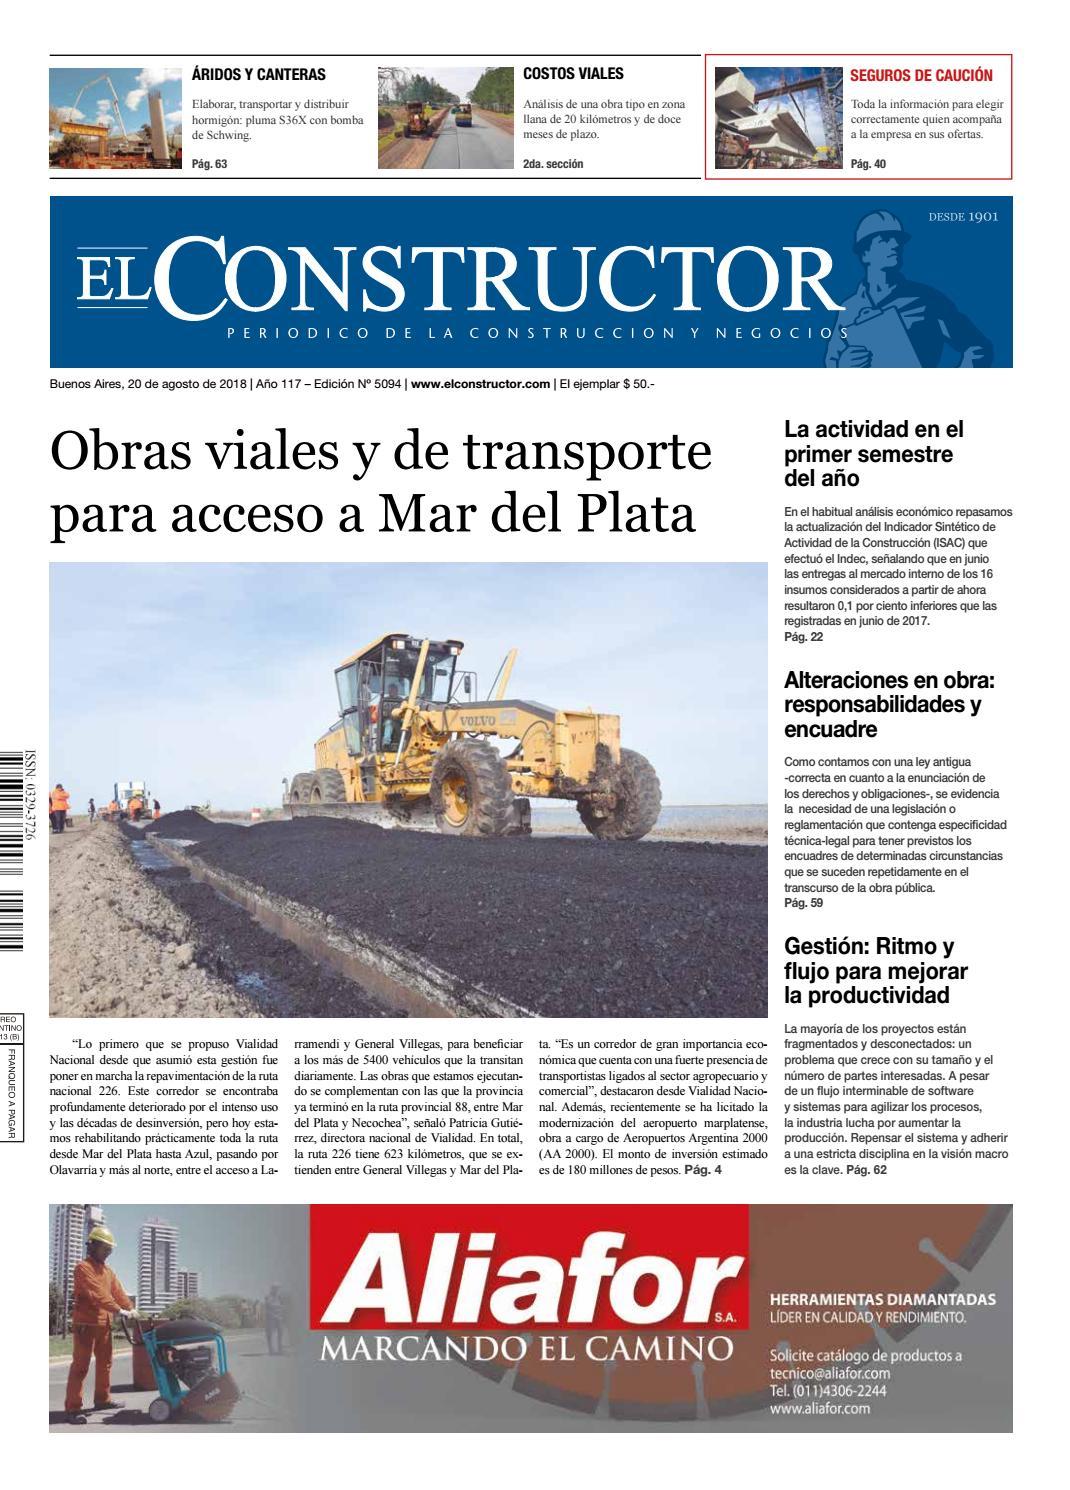 El Constructor 20/8/2018 - N° 5094 Año 117 by ELCO Editores - issuu